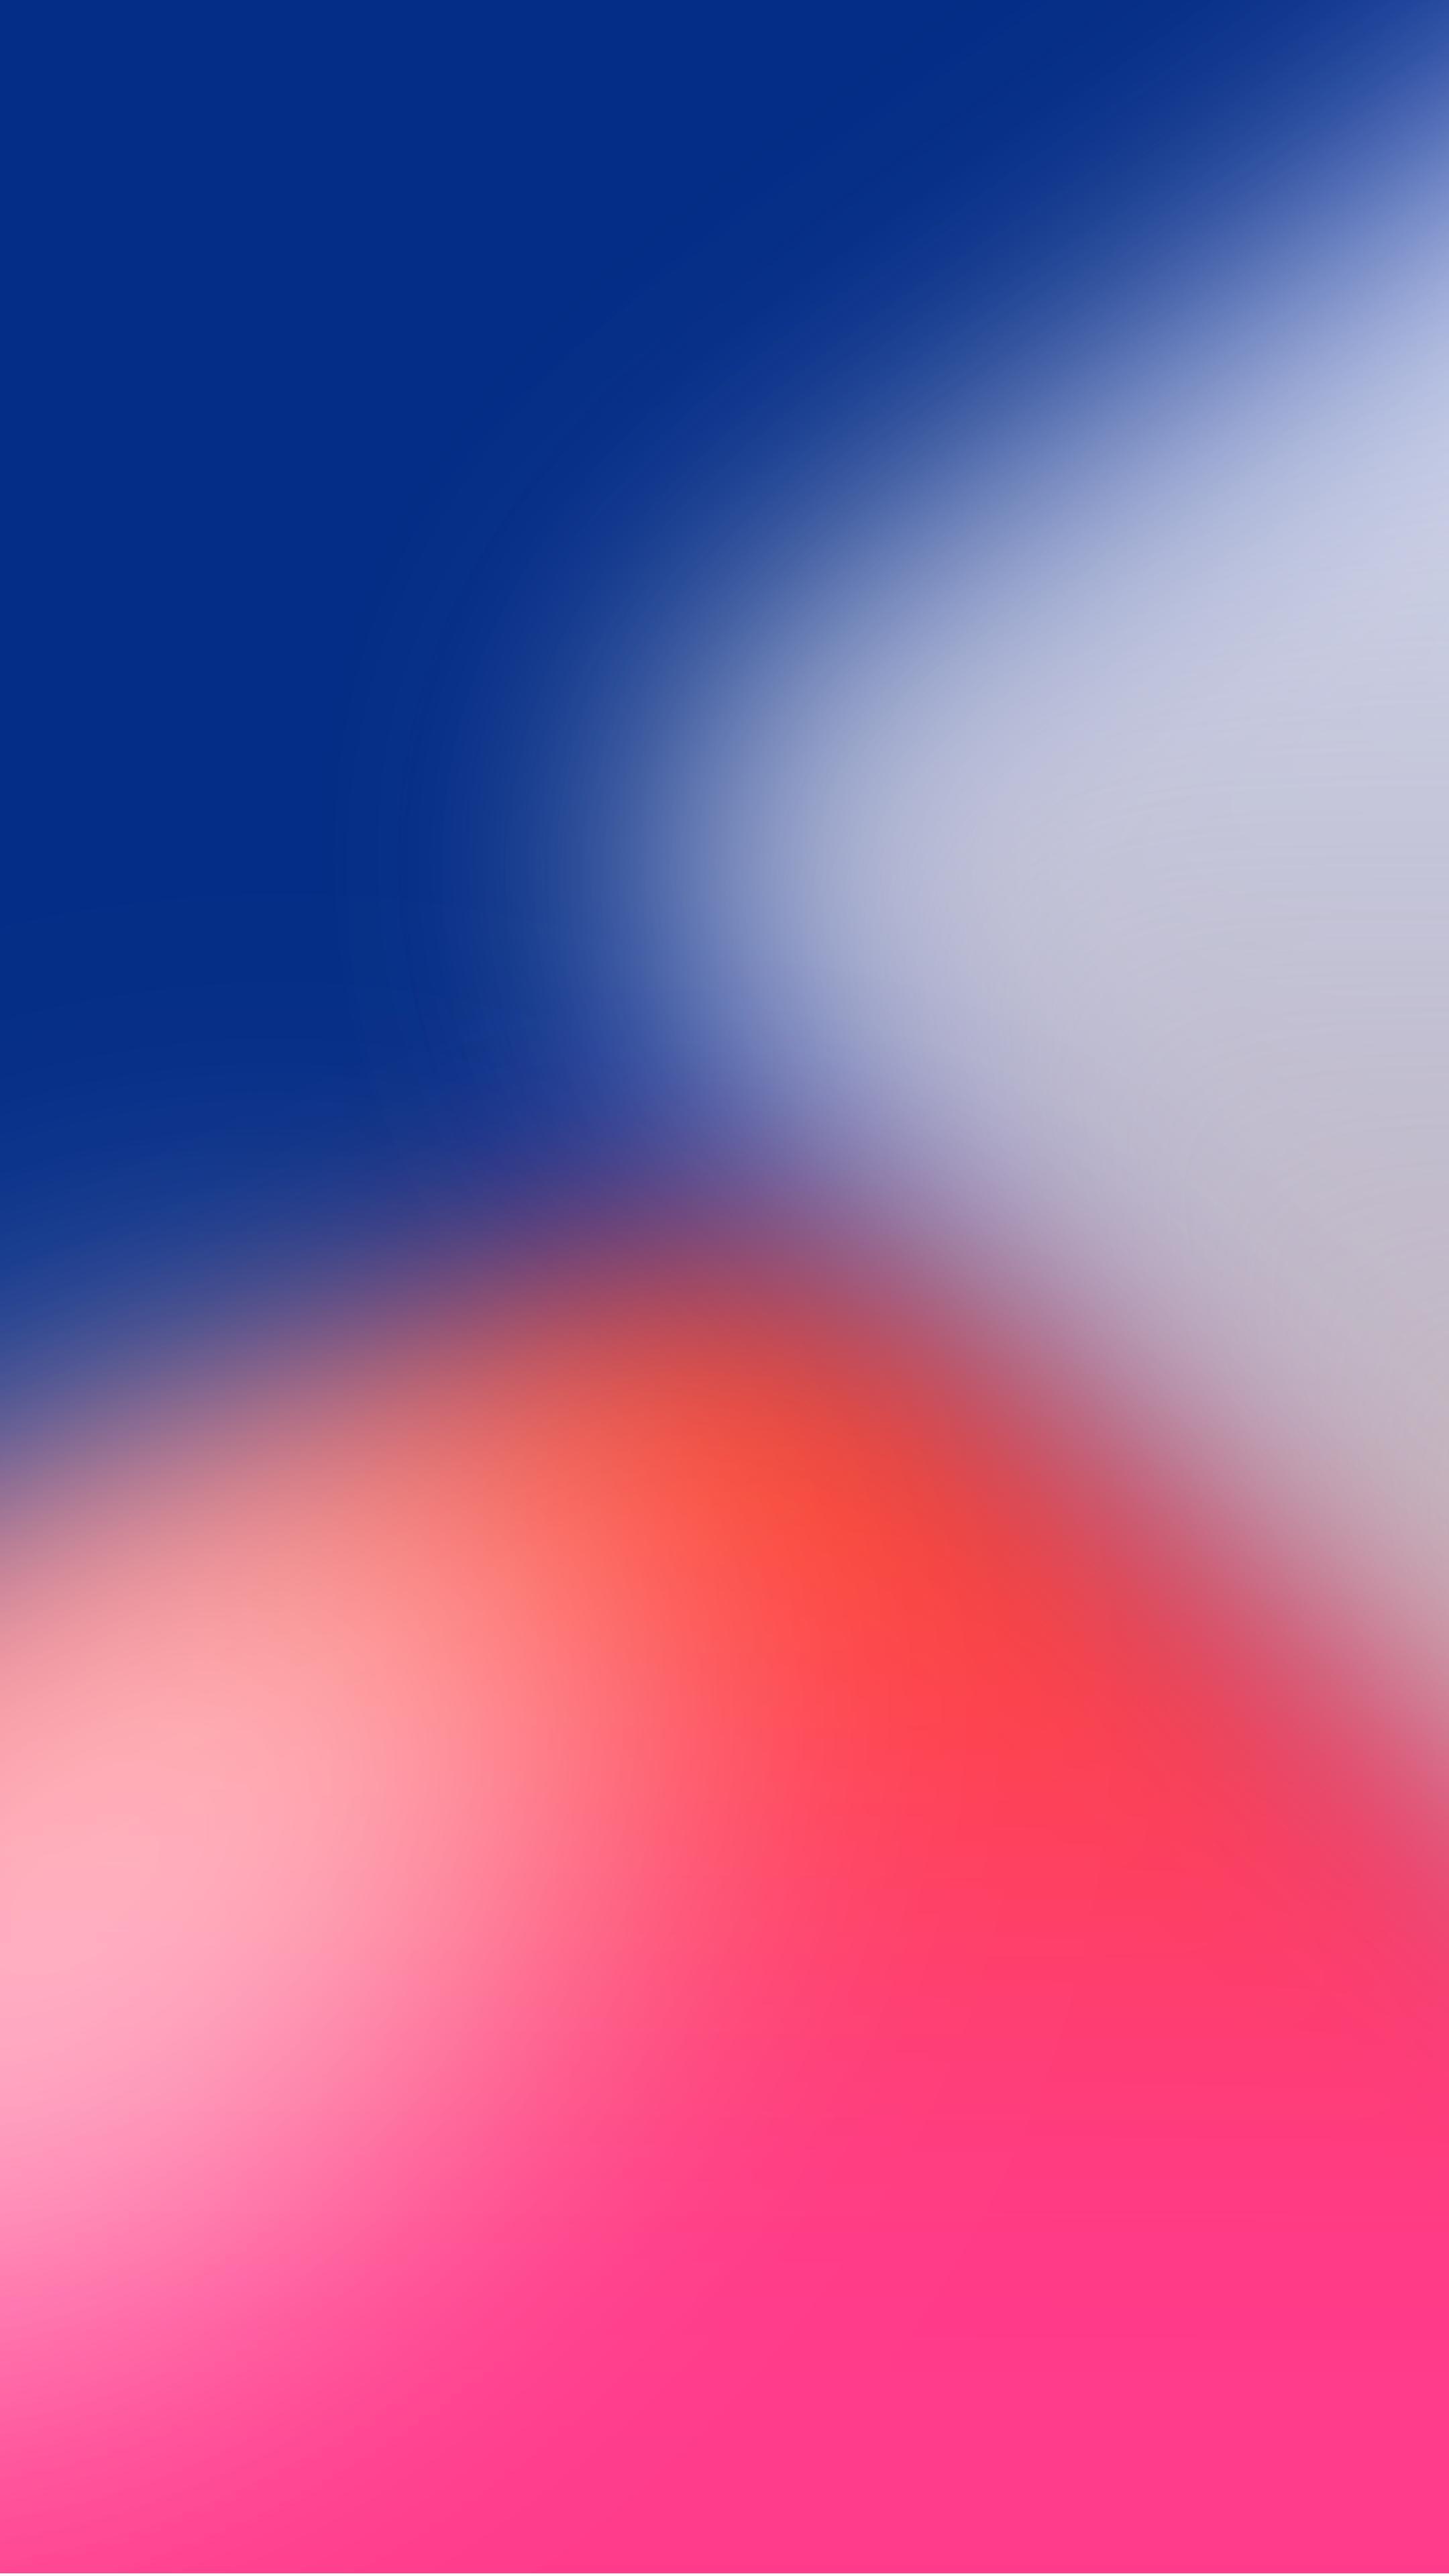 Prepara la keynote del iphone 8 x con estos fondos de pantalla for Imagenes geniales para fondo de pantalla